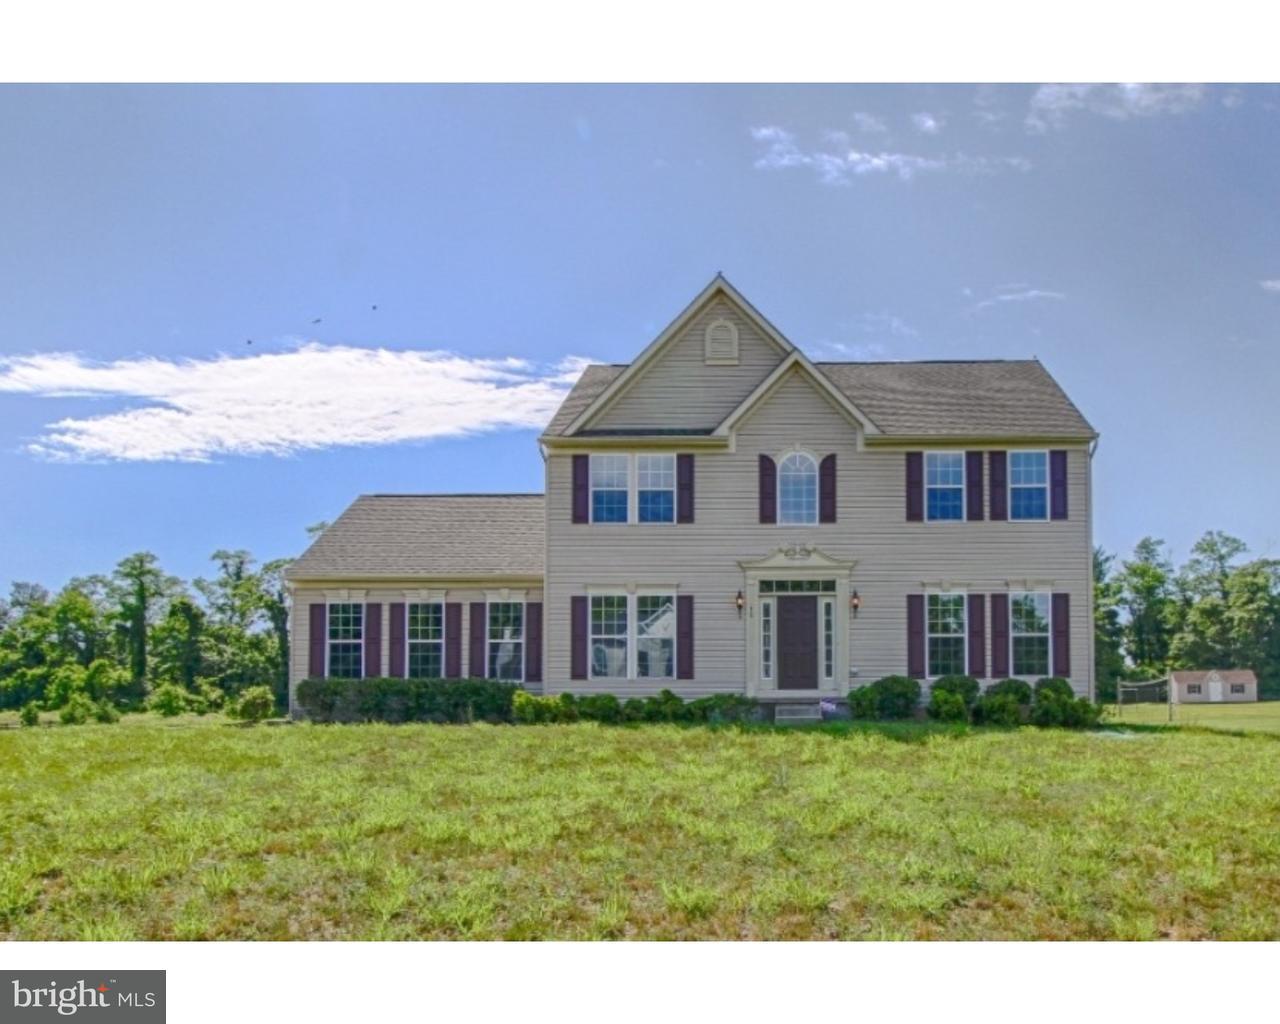 Частный односемейный дом для того Продажа на 16 ALEXIS Court Swedesboro, Нью-Джерси 08085 Соединенные Штаты